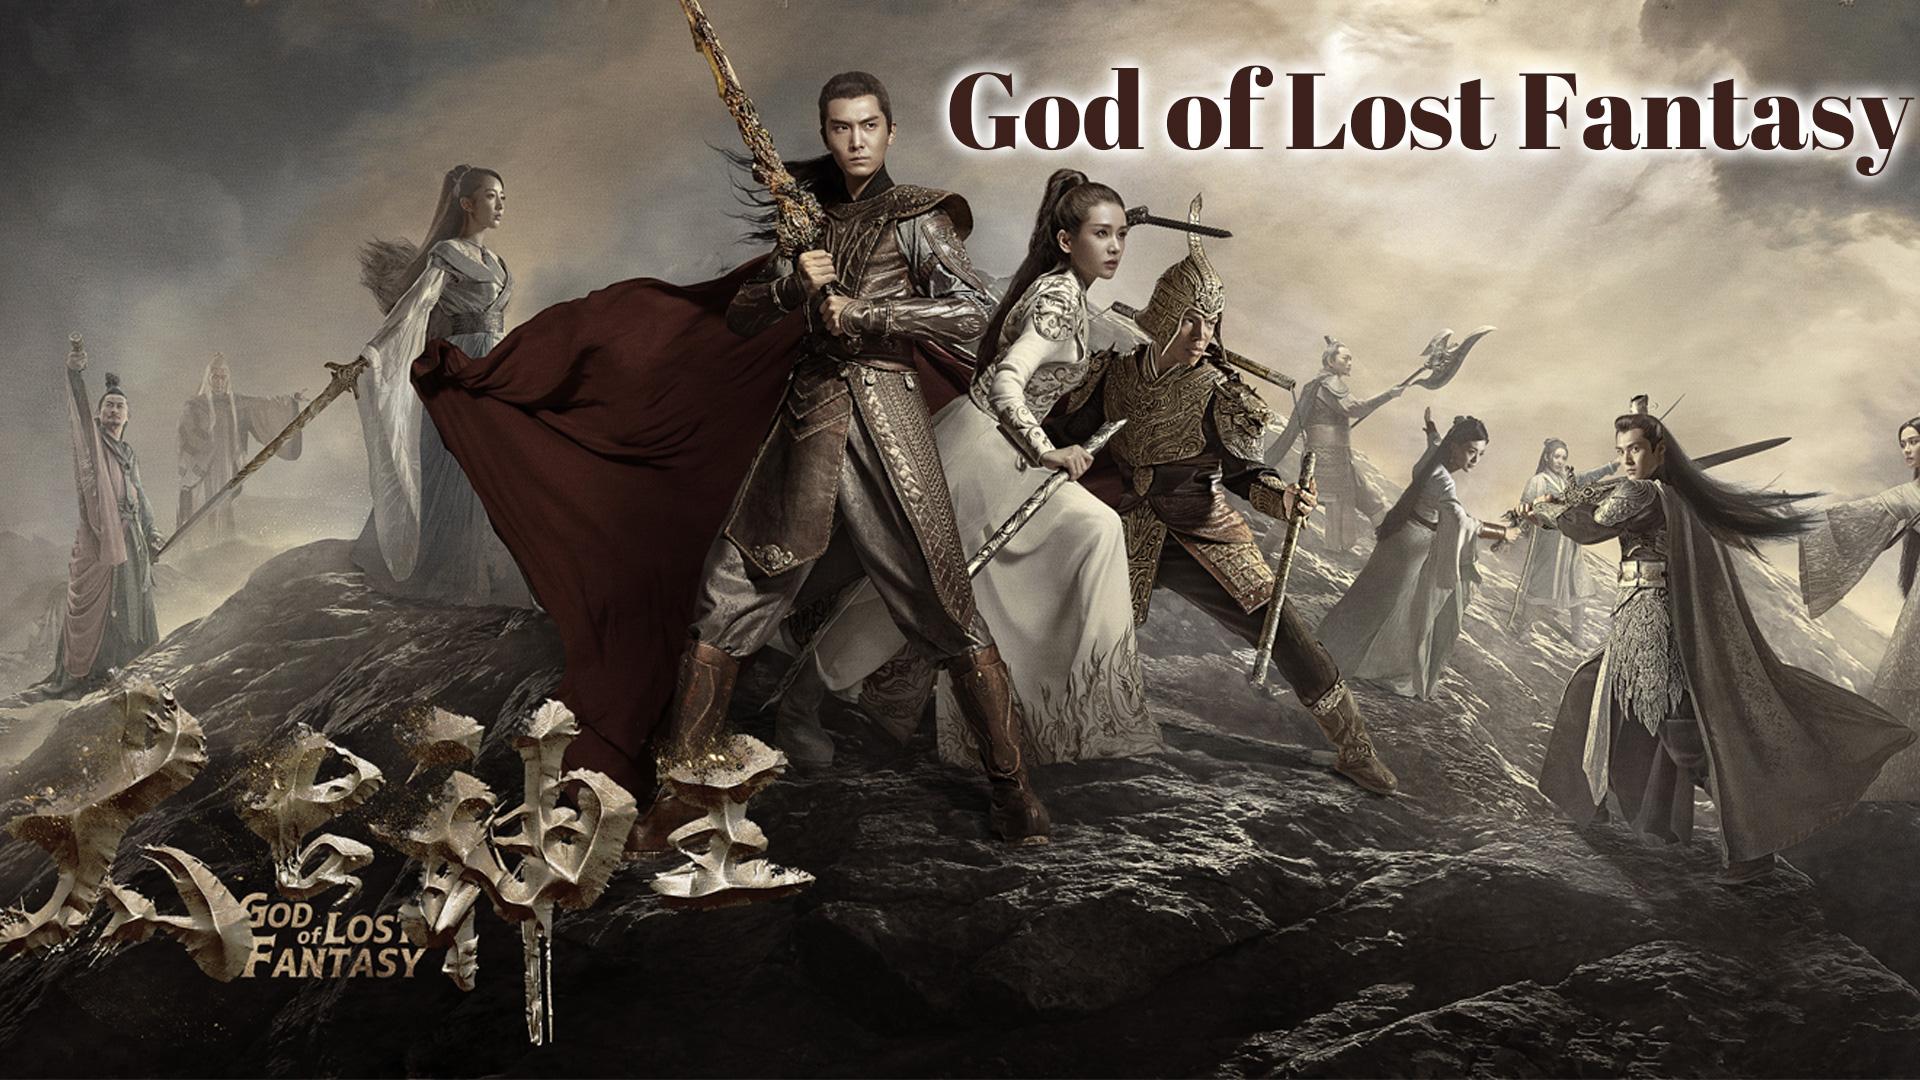 God of Lost Fantasy